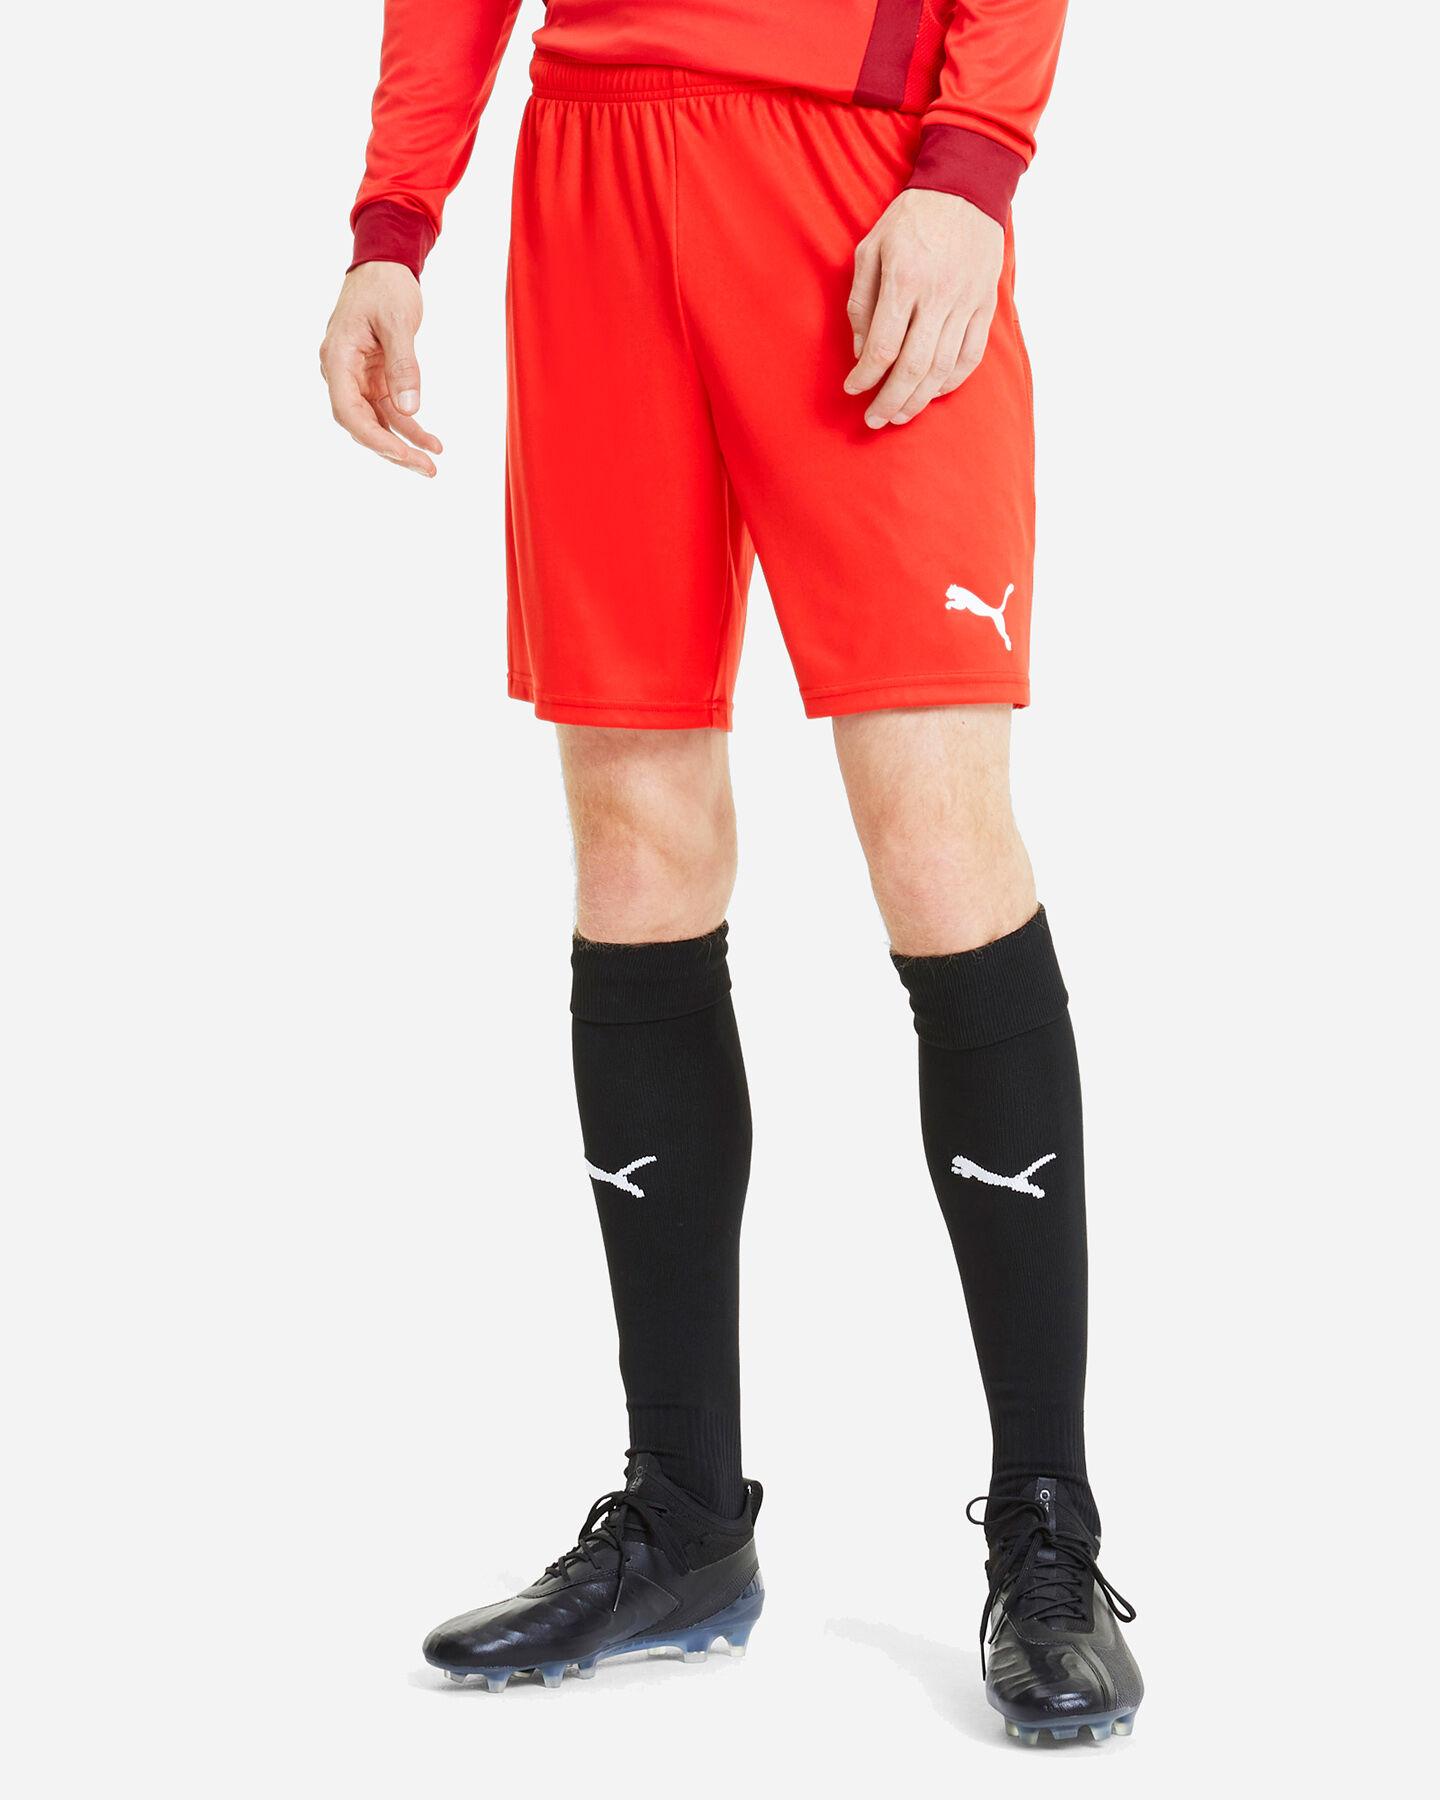 Pantaloncini calcio PUMA GOAL23 KNIT M S5190016 scatto 2